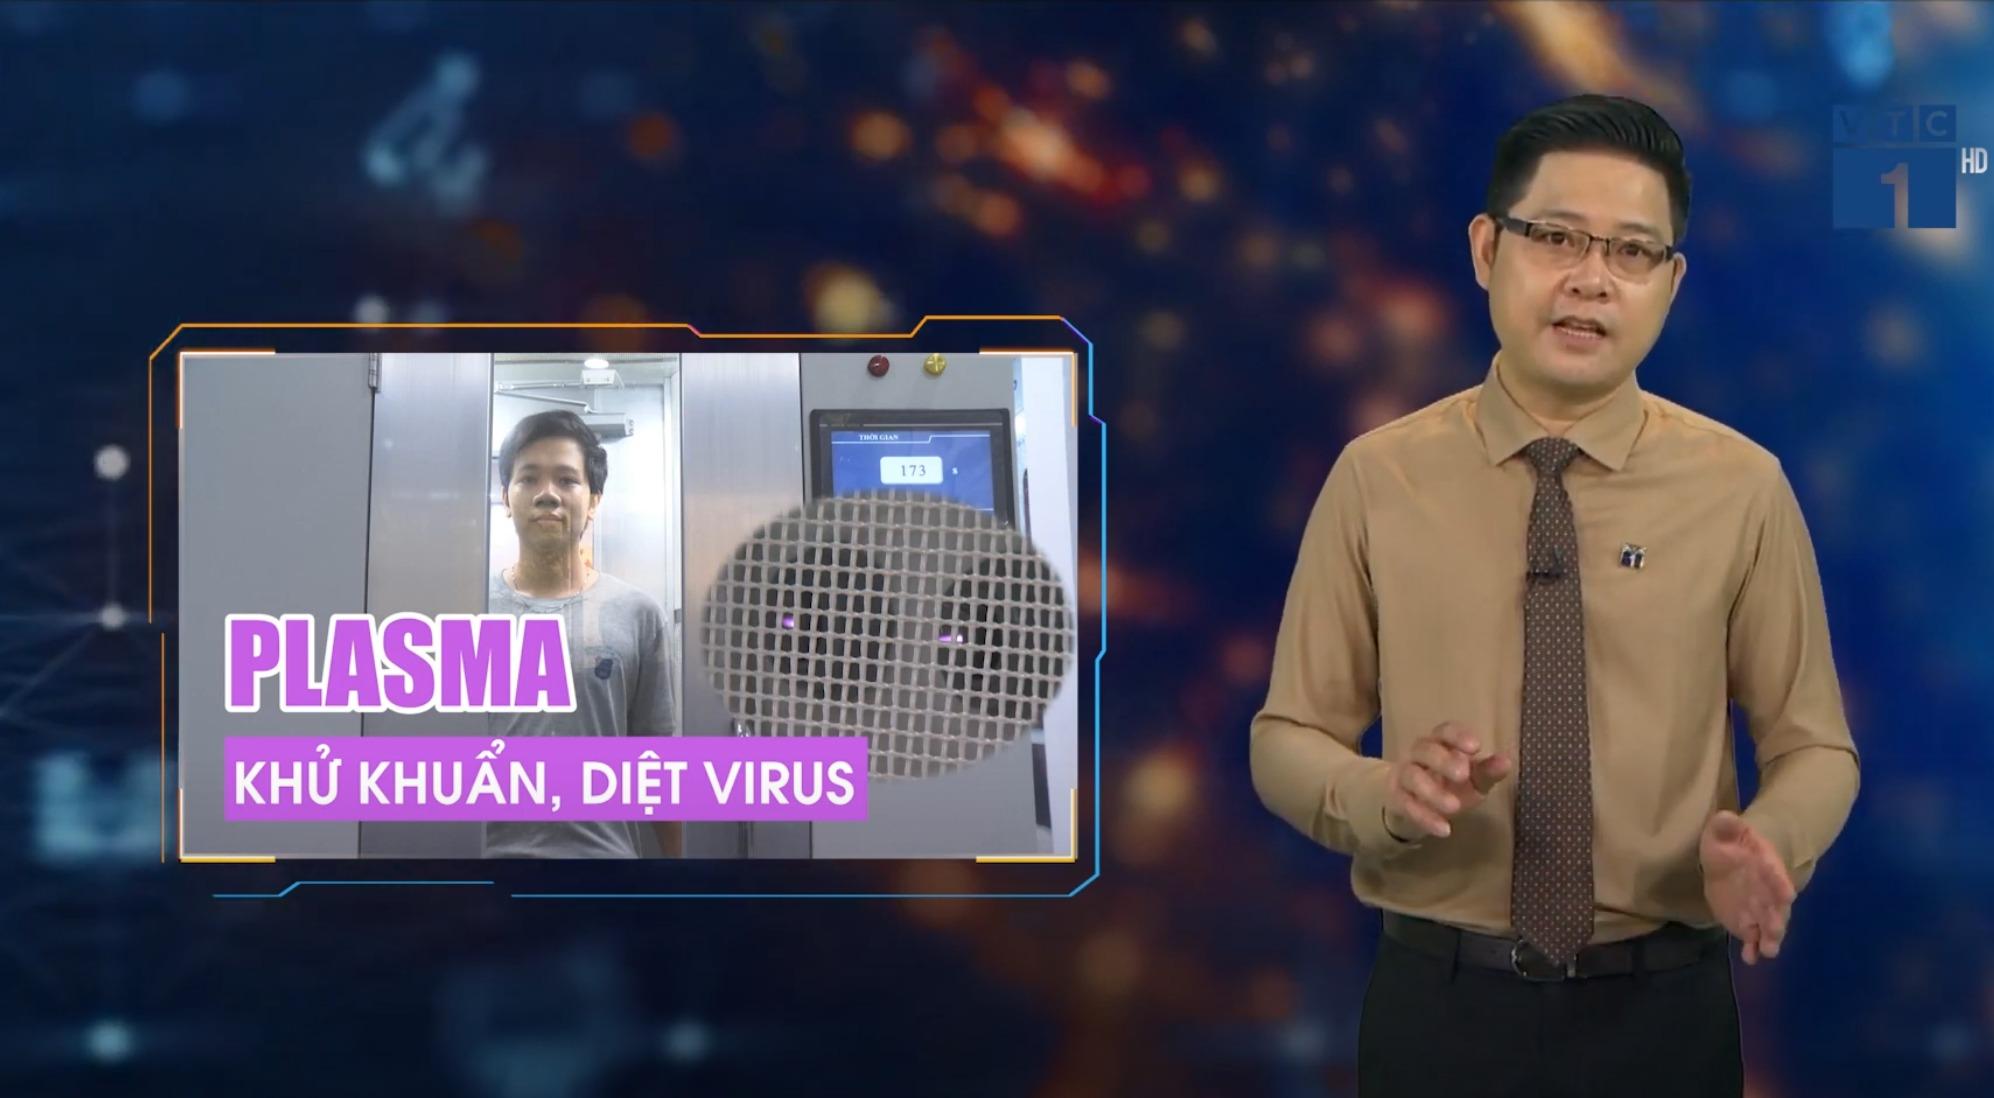 """Phóng sự VTC ngày 16/09/21 """"Nhà khoa học Việt tiên phong làm buồng hấp Plasma khử khuẩn, diệt Virus"""""""